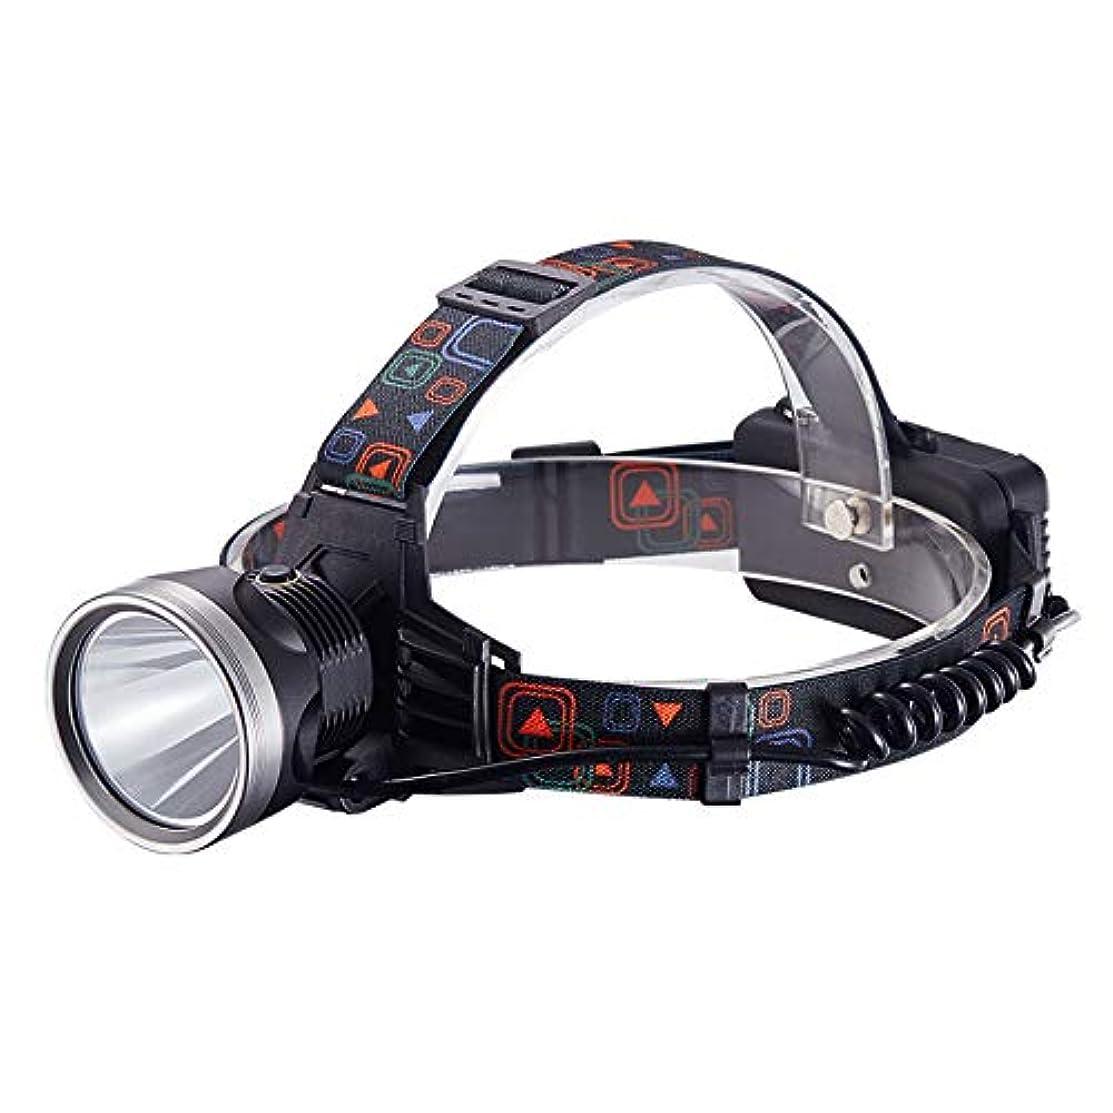 ジェーンオースティン円周一月ヘッドライト、長い電池寿命、強い光、キセノンランプ、充電式鉱夫用ランプ、超高輝度、懐中電灯、屋外狩猟、黄色の光